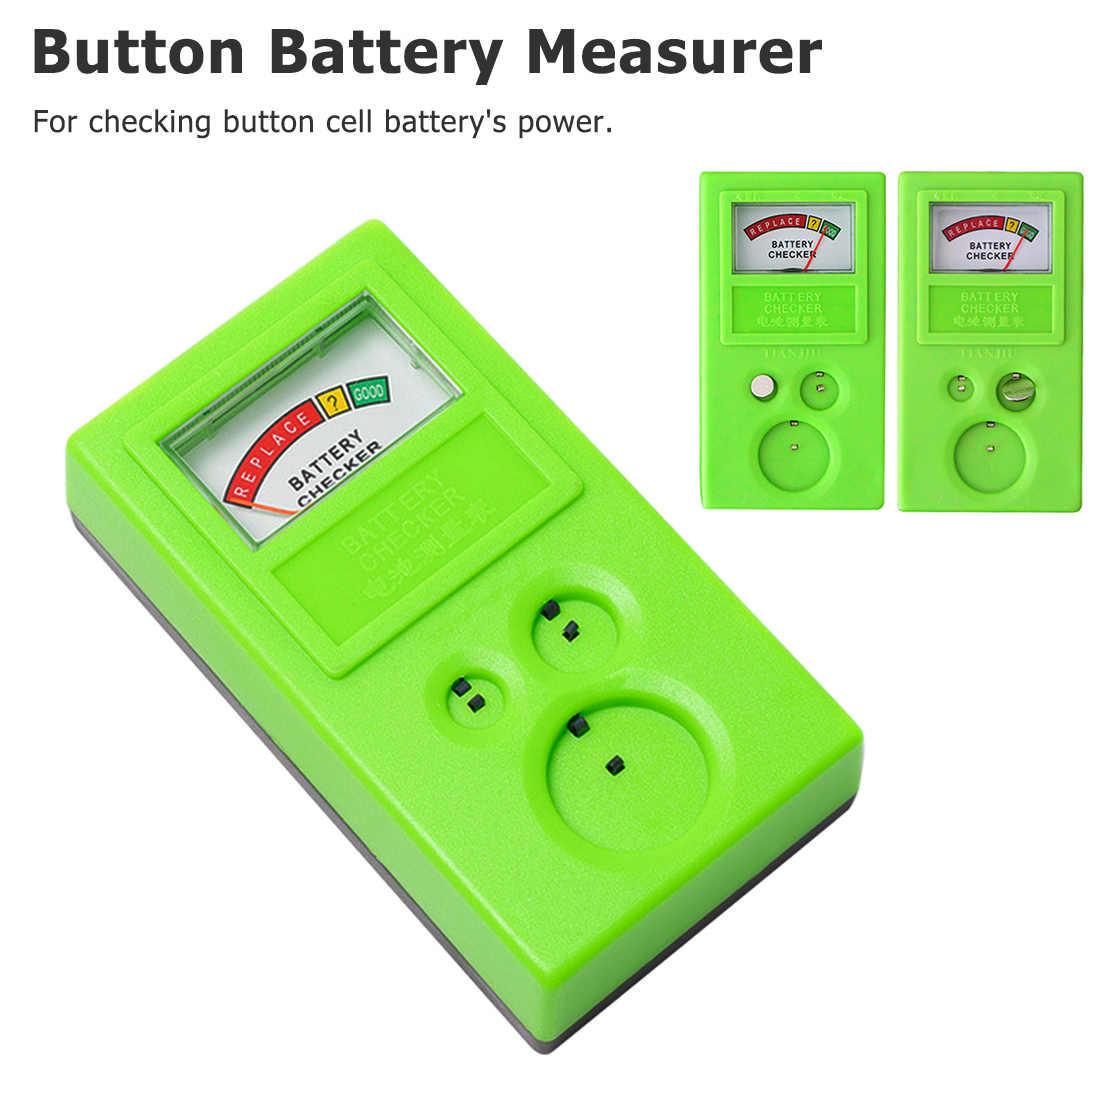 Outil de Test avec boutons en plastique, livraison gratuite réparation de montre, pièce de monnaie, batterie de cellule, vérificateur d'alimentation, outil de Test 1.55 V/3 V